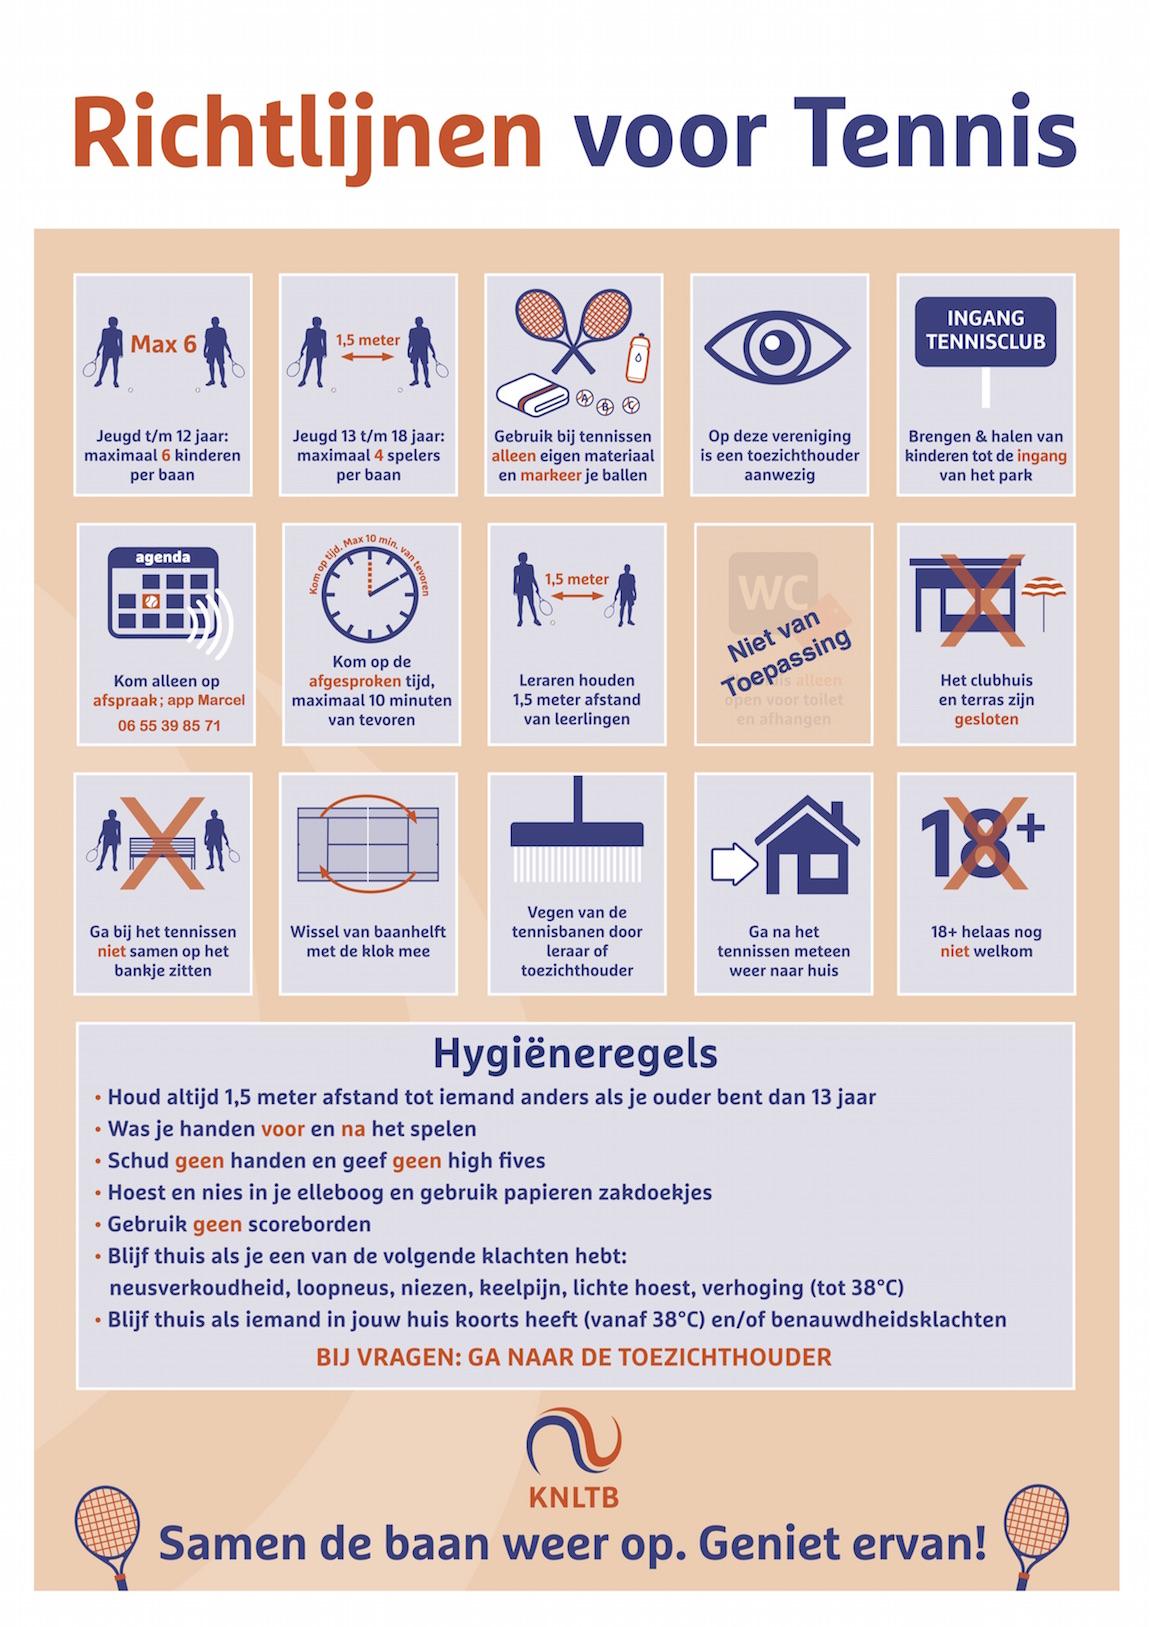 Richtlijnen voor Tennis (Coronamaatregelen)